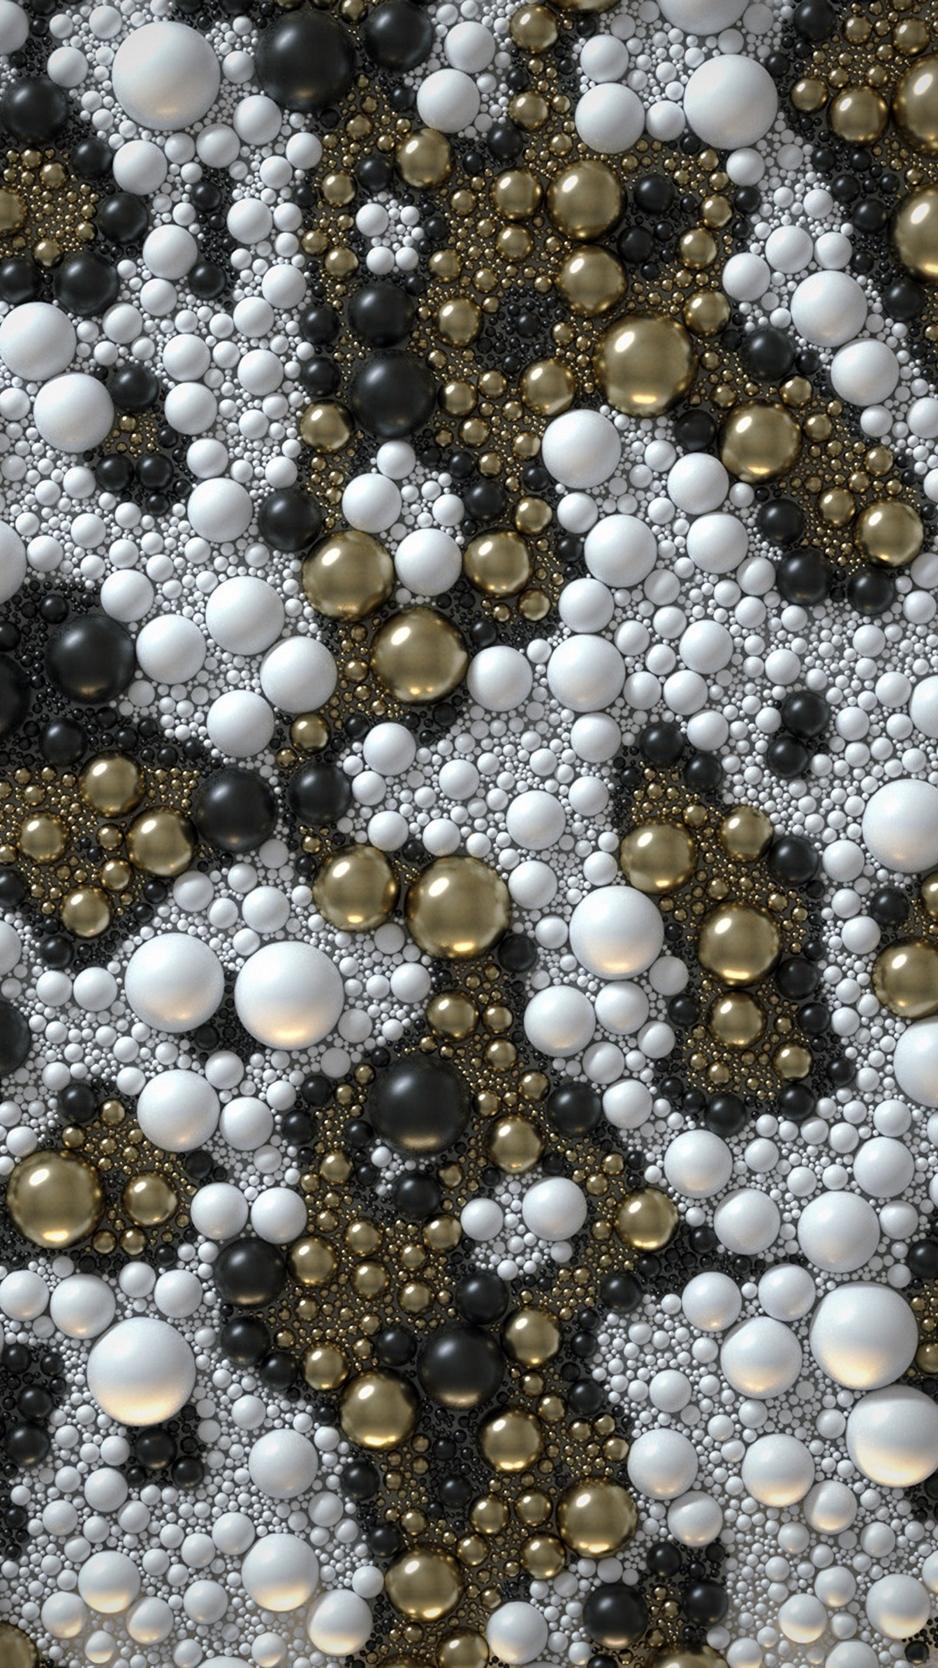 Wallpaper Texture, Bubble, Balls, Colorful, 3d - Colorful Iphone Wallpaper 3d - HD Wallpaper